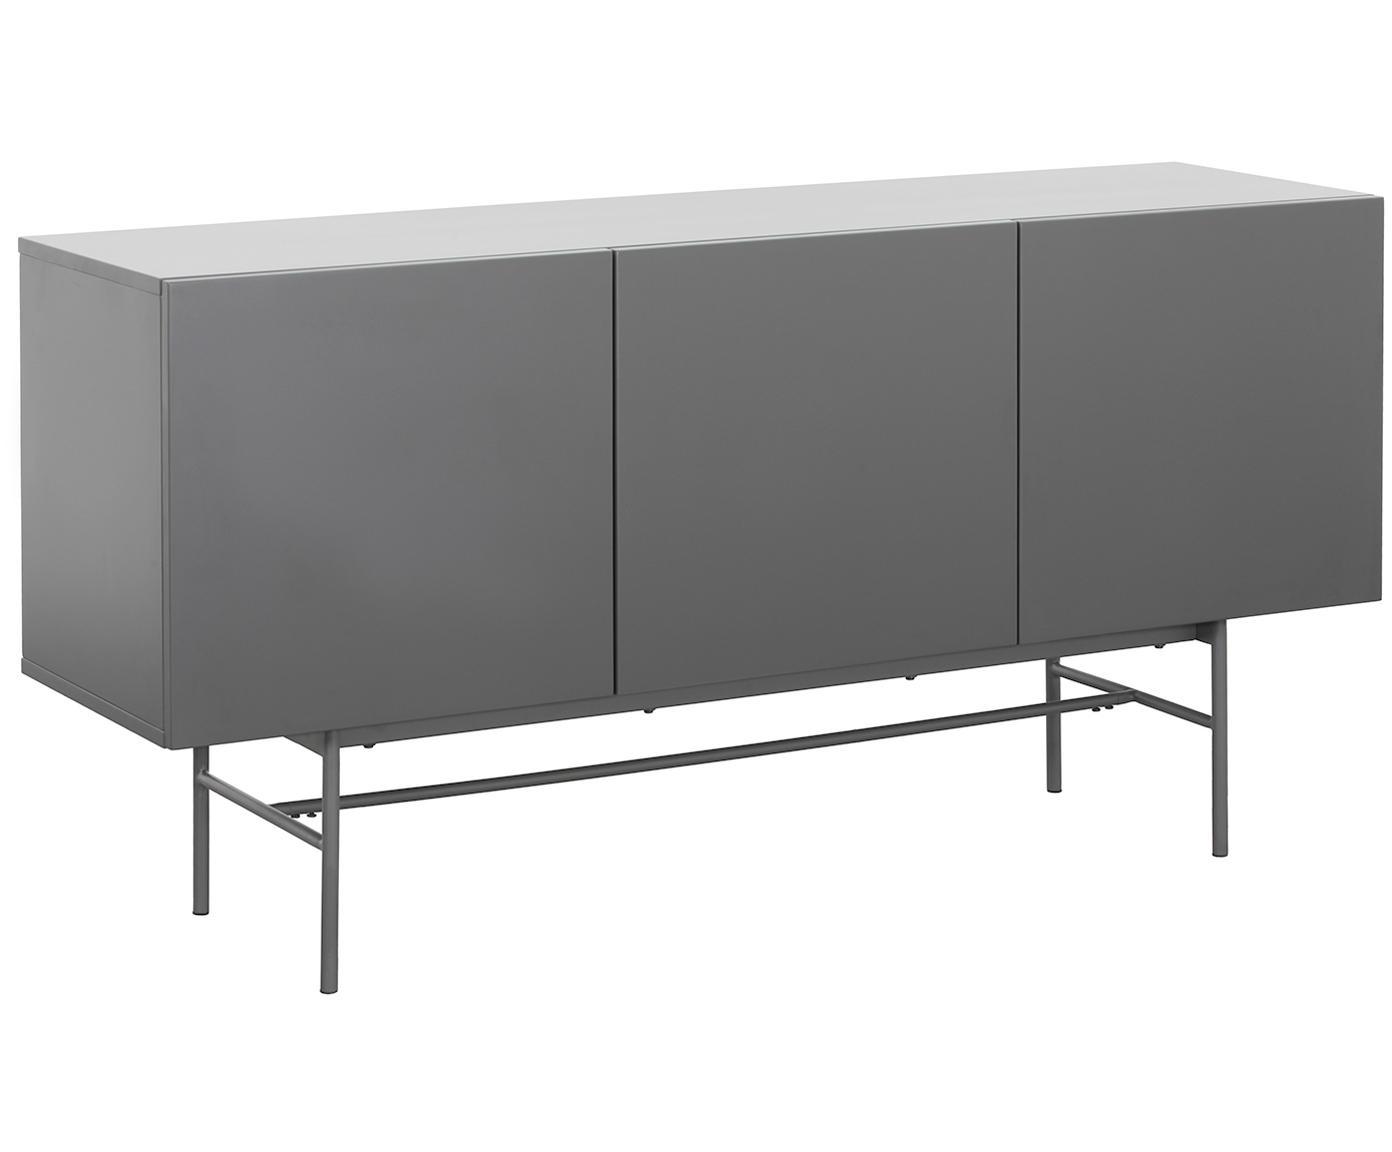 Credenza moderna Anders, Piedini: metallo verniciato a polv, Corpo: grigio piedini: grigio, opaco, Larg. 160 x Alt. 80 cm